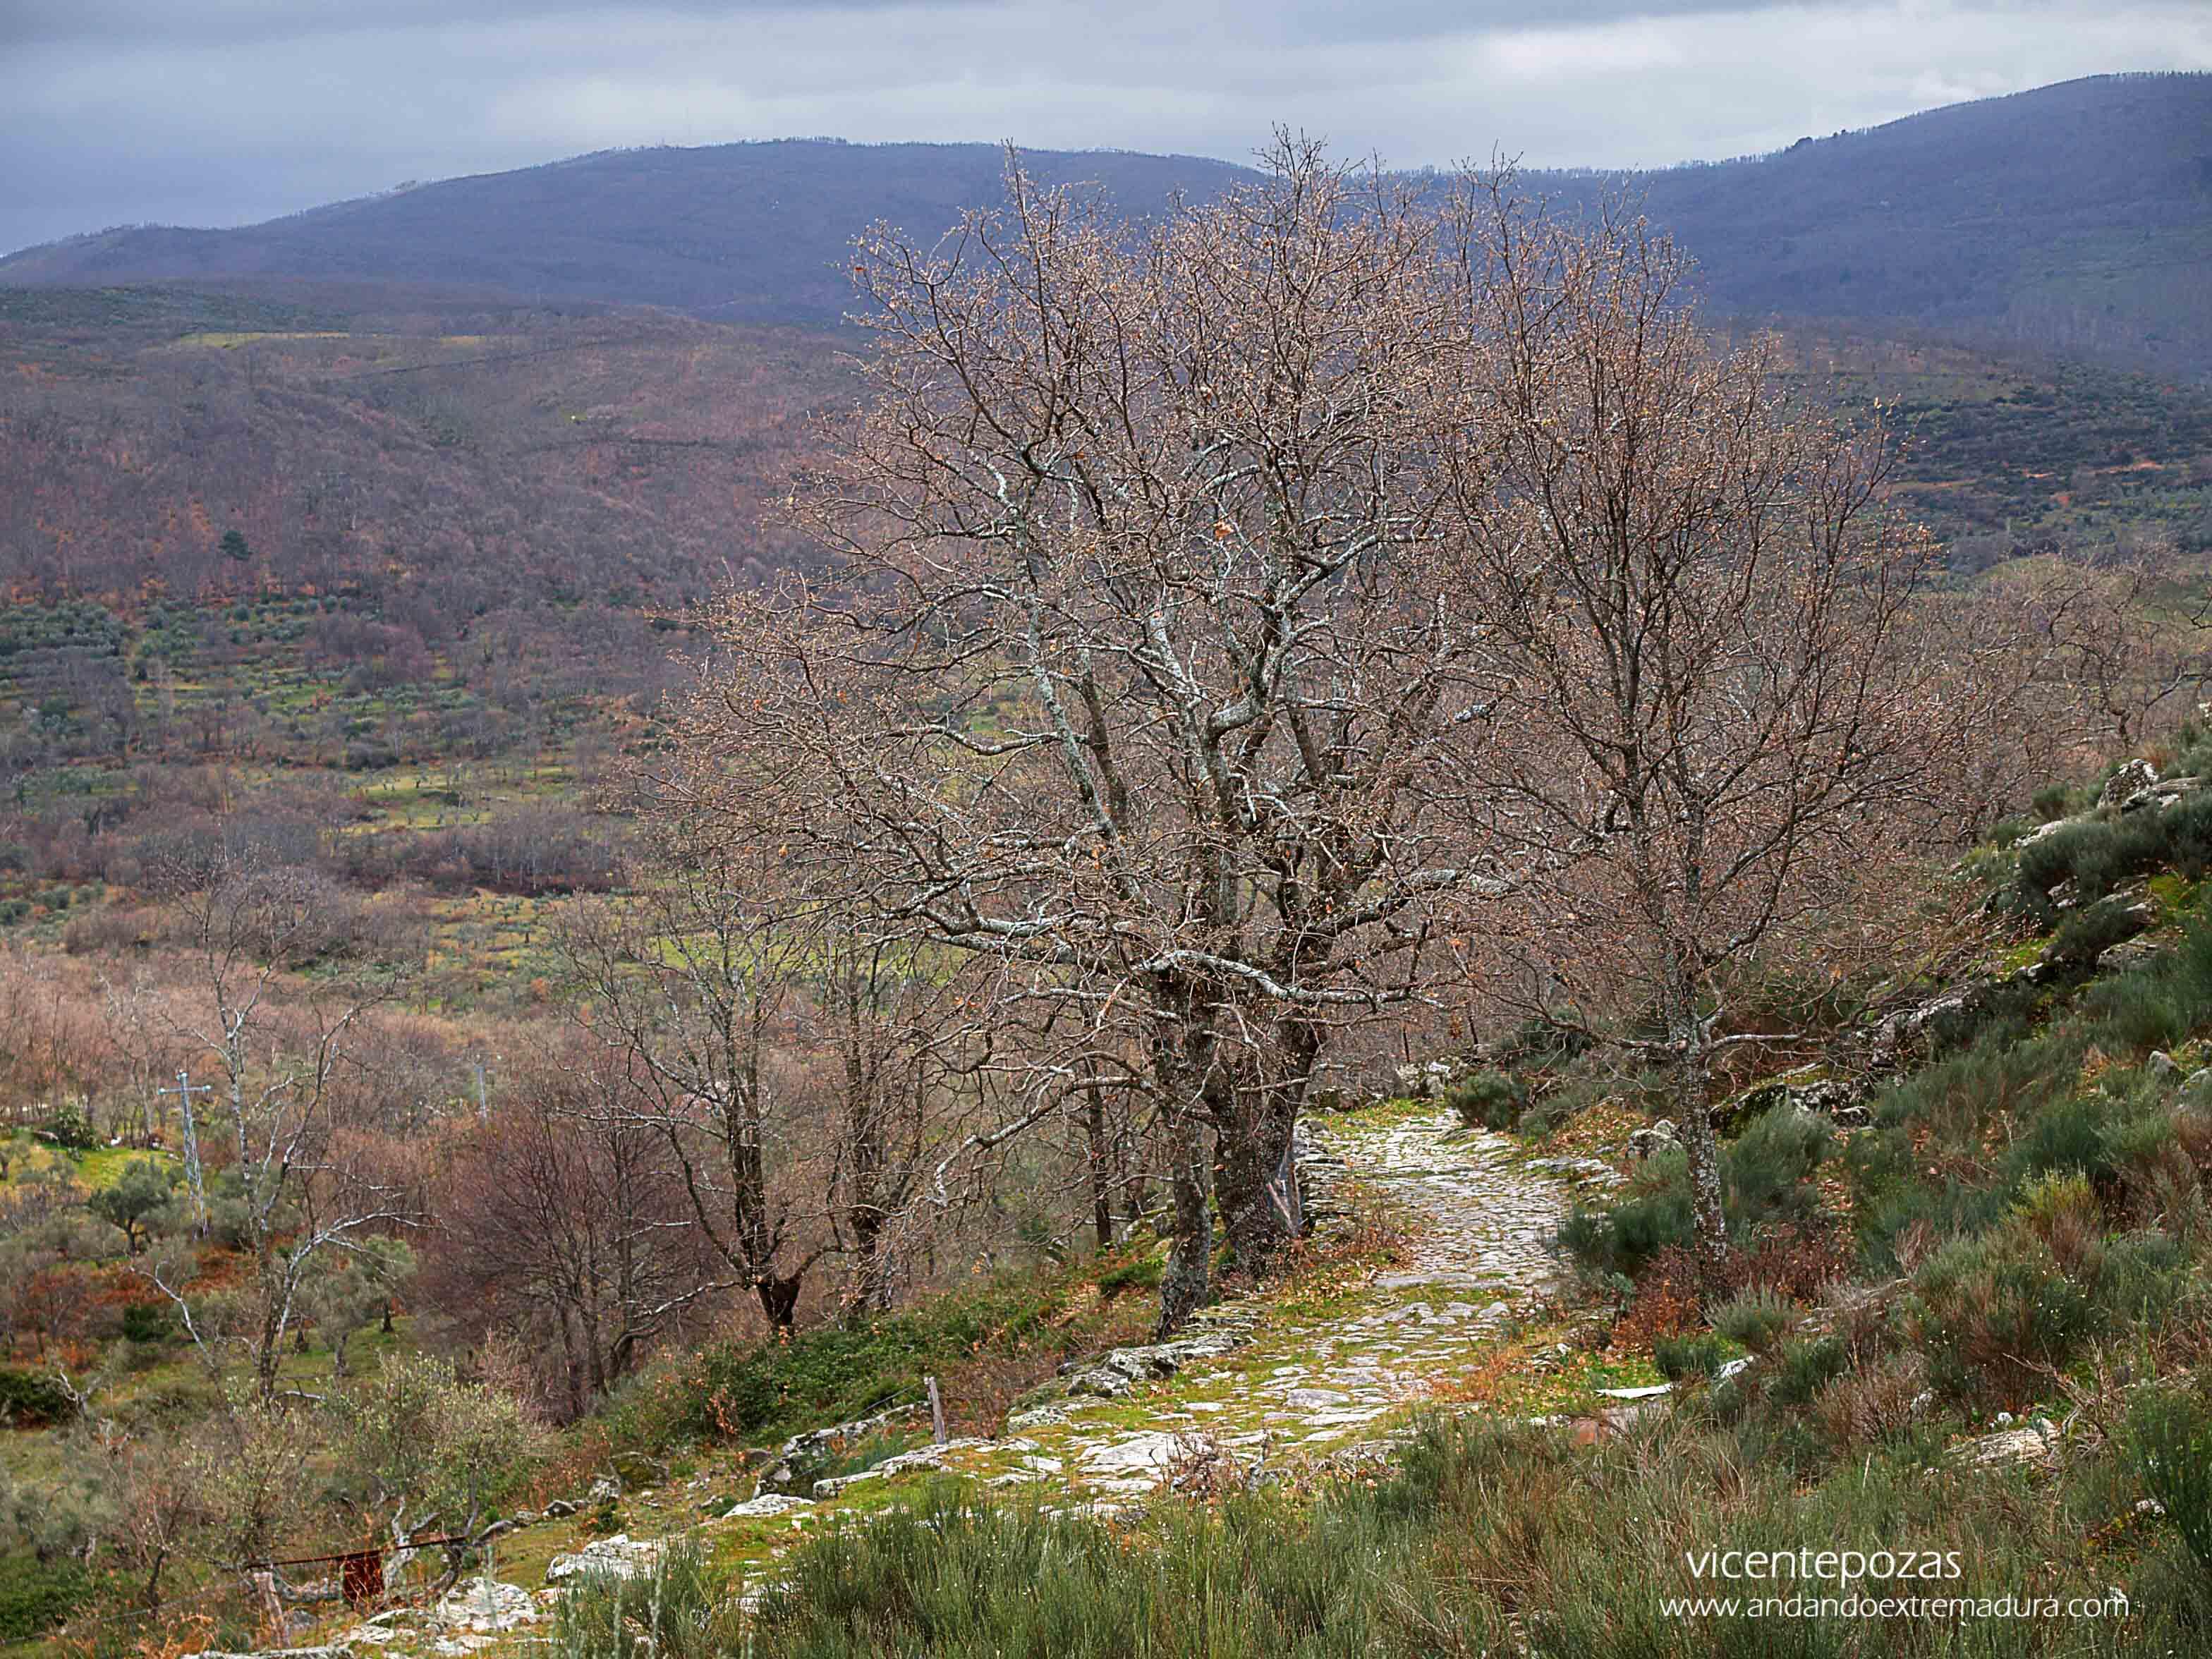 Ruta A Fala. Valle de Jálama. Sierra de Gata